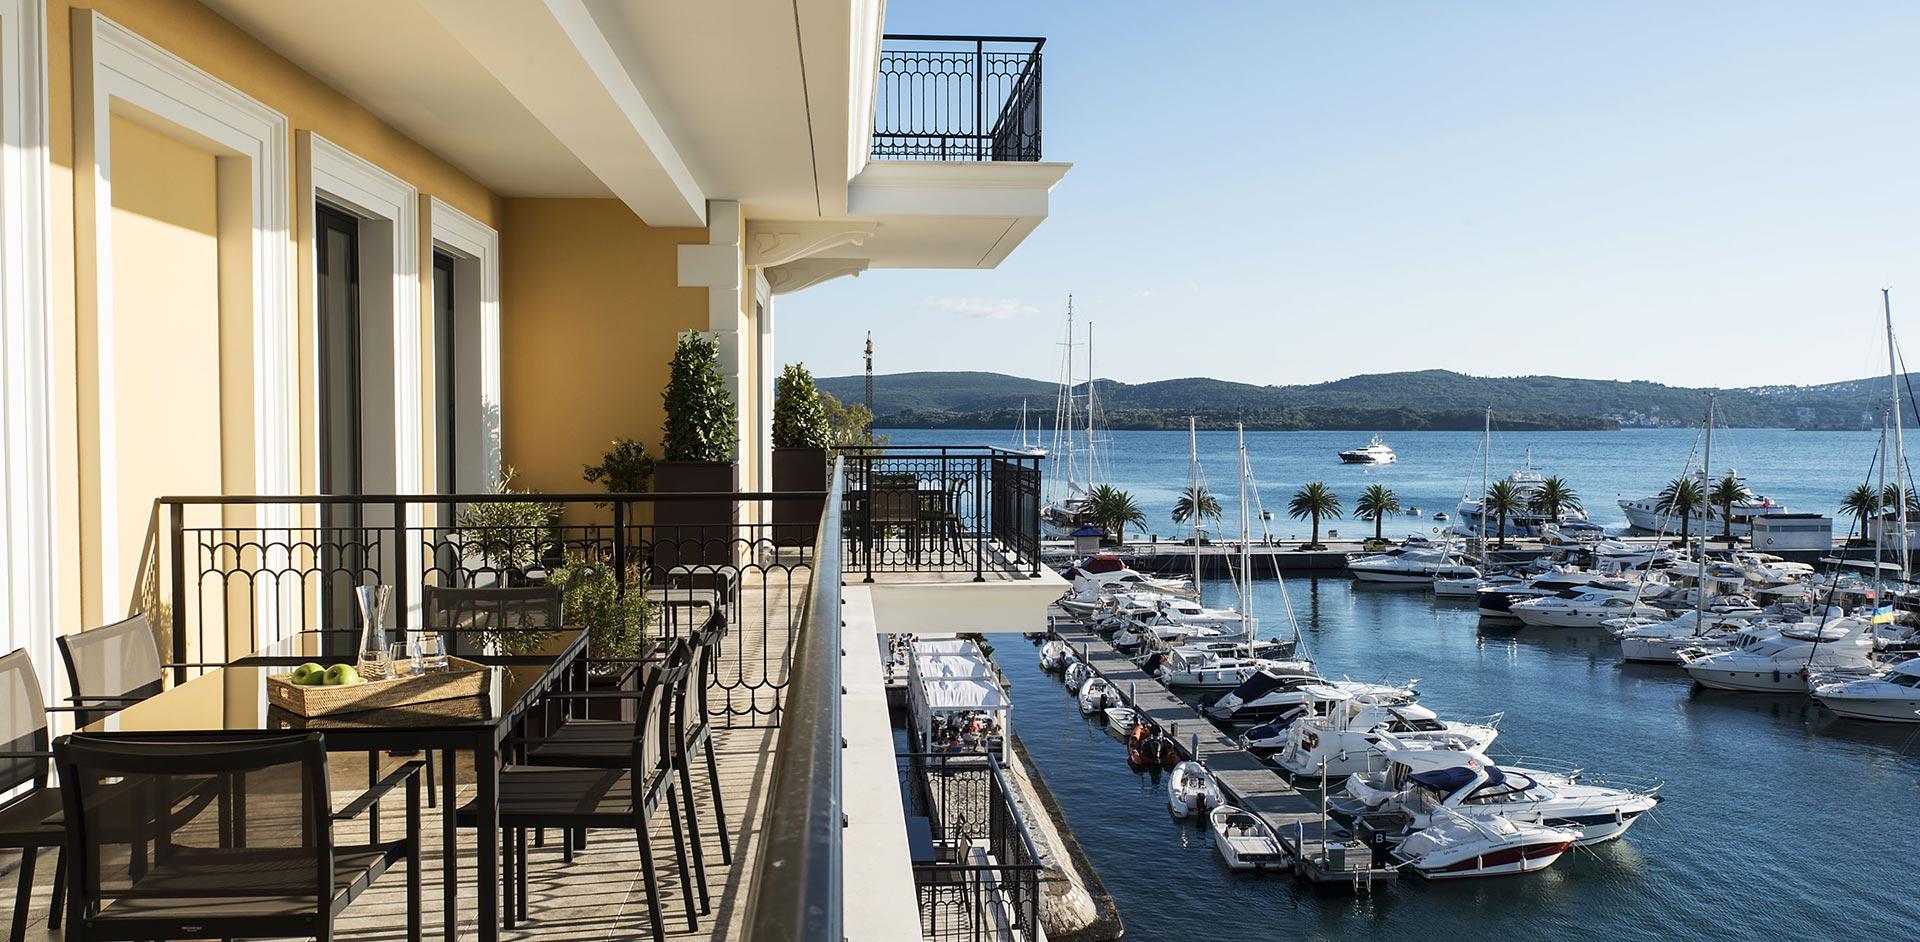 regent-hotel-porto-montenegro-view